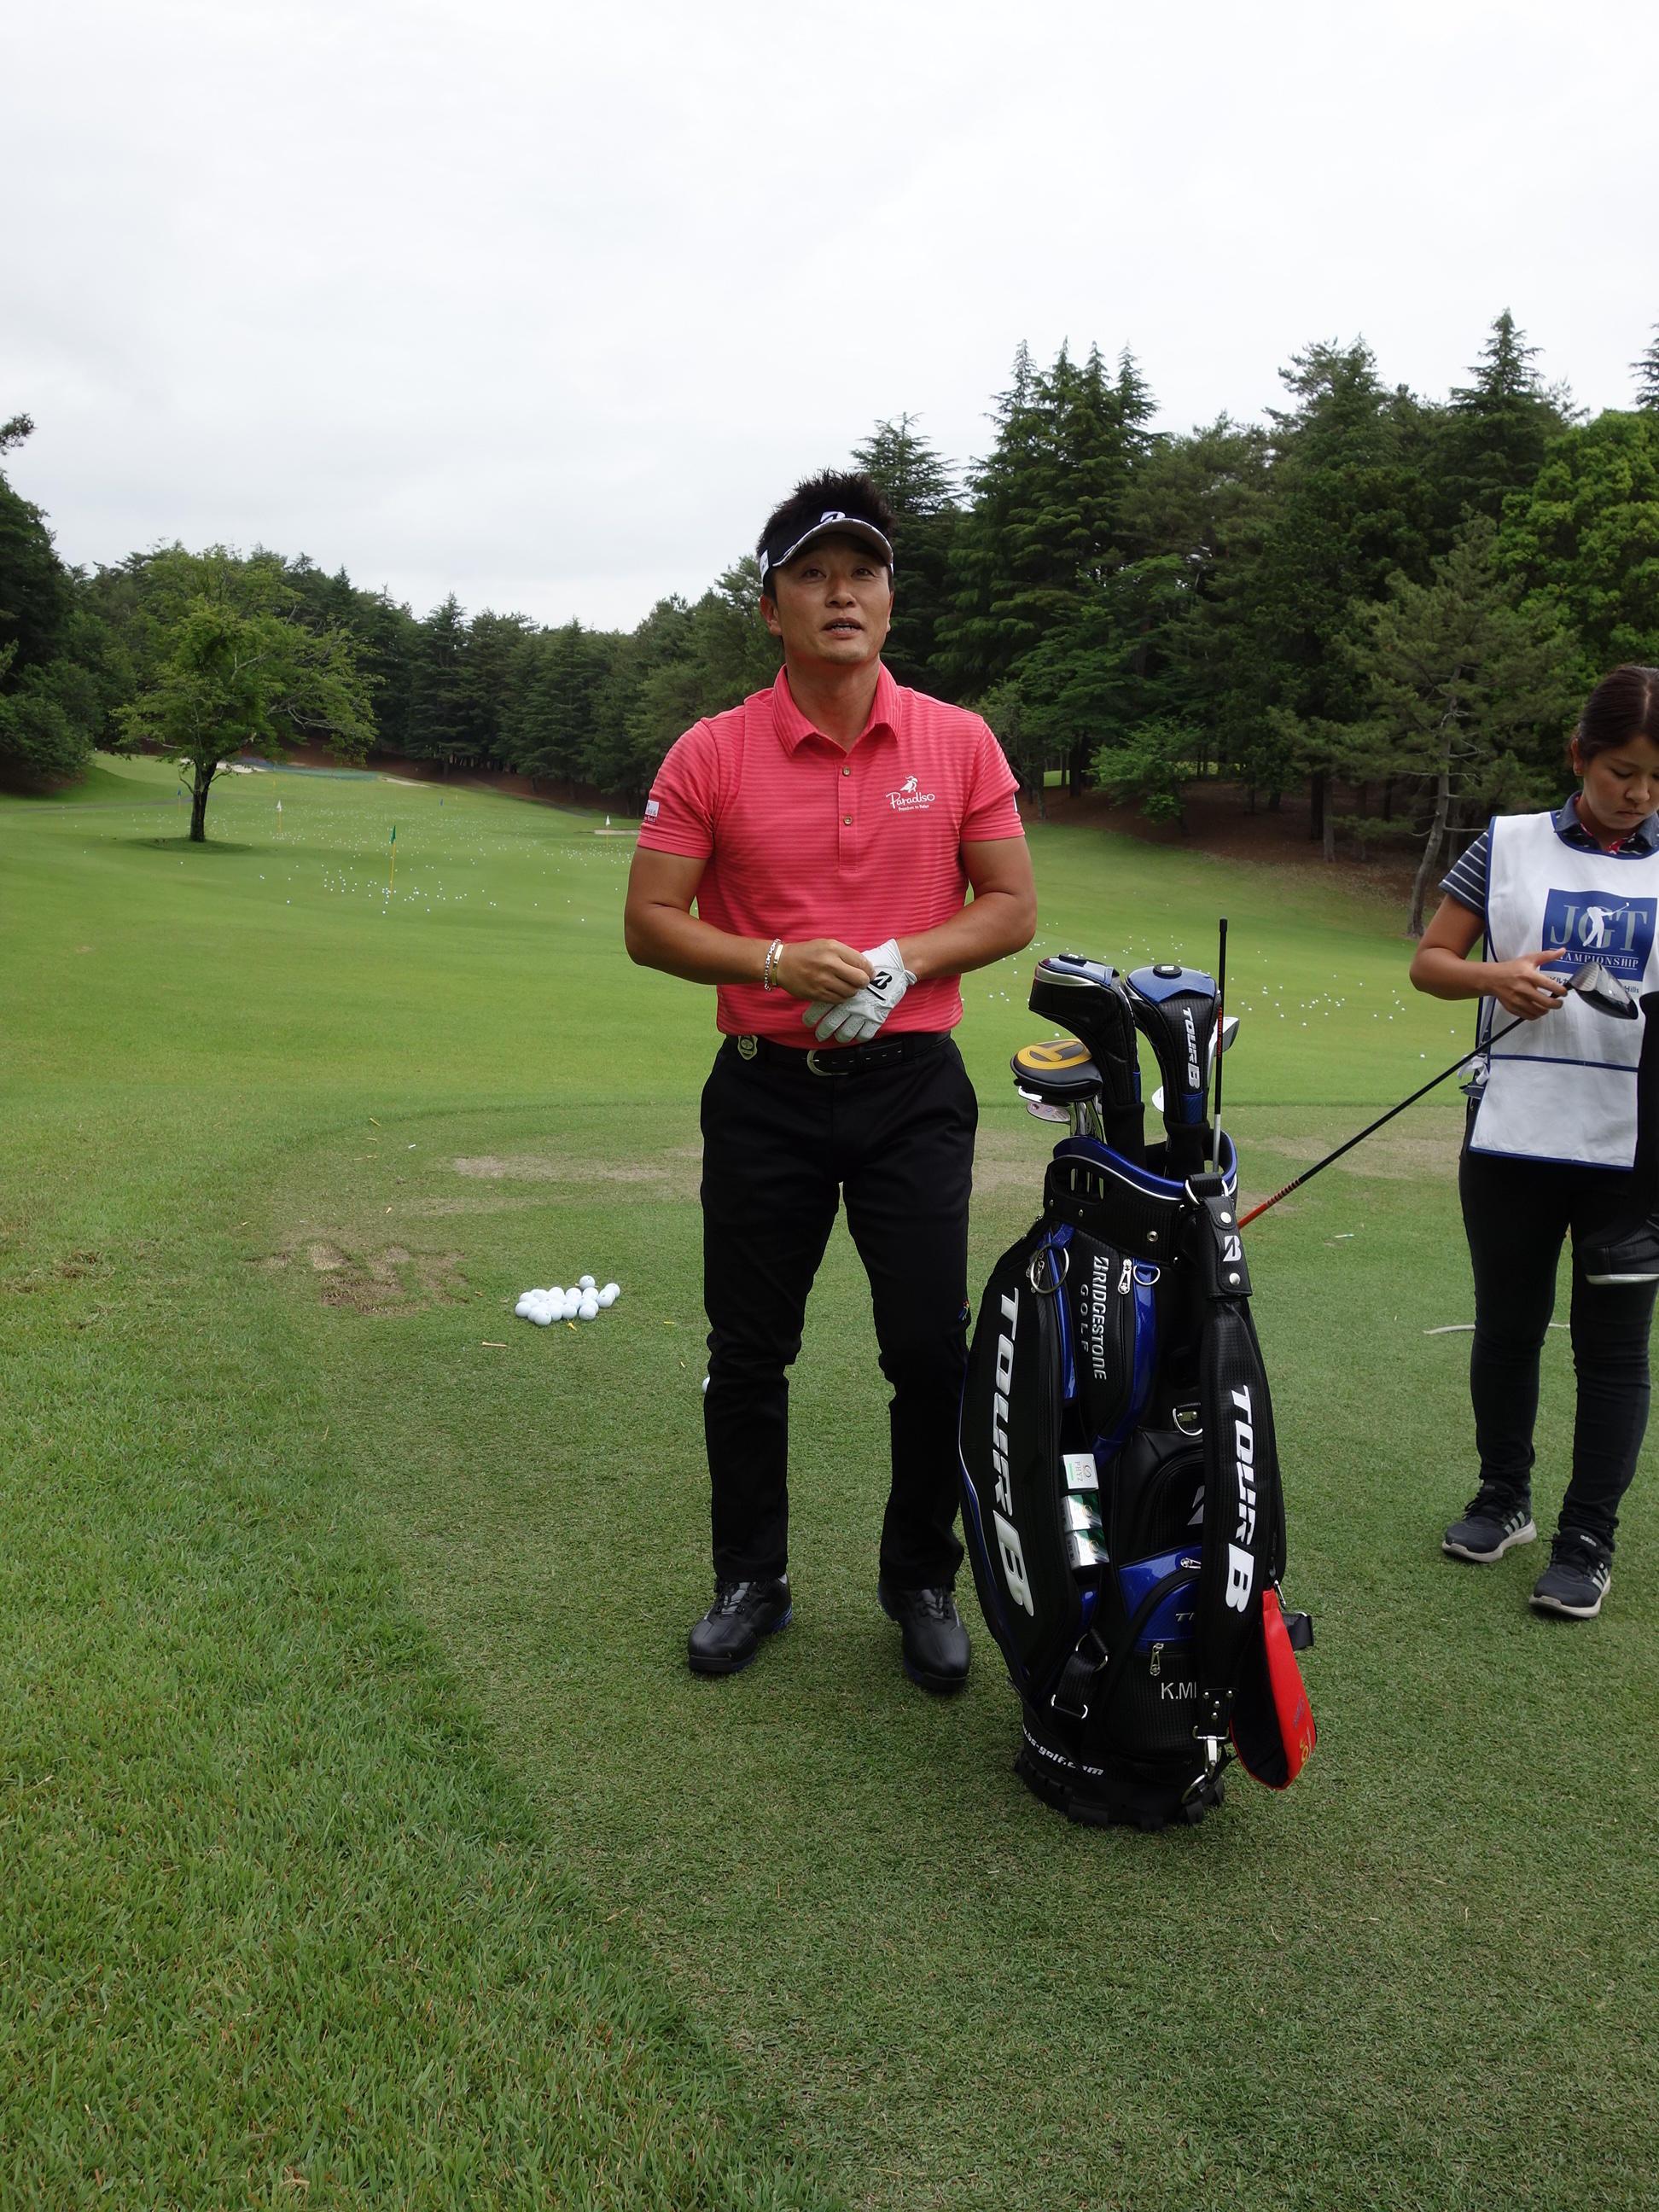 https://www.bs-golf.com/pro/3a299e2a897aa4553de7e5e7ed8415025c0b0f97.JPG